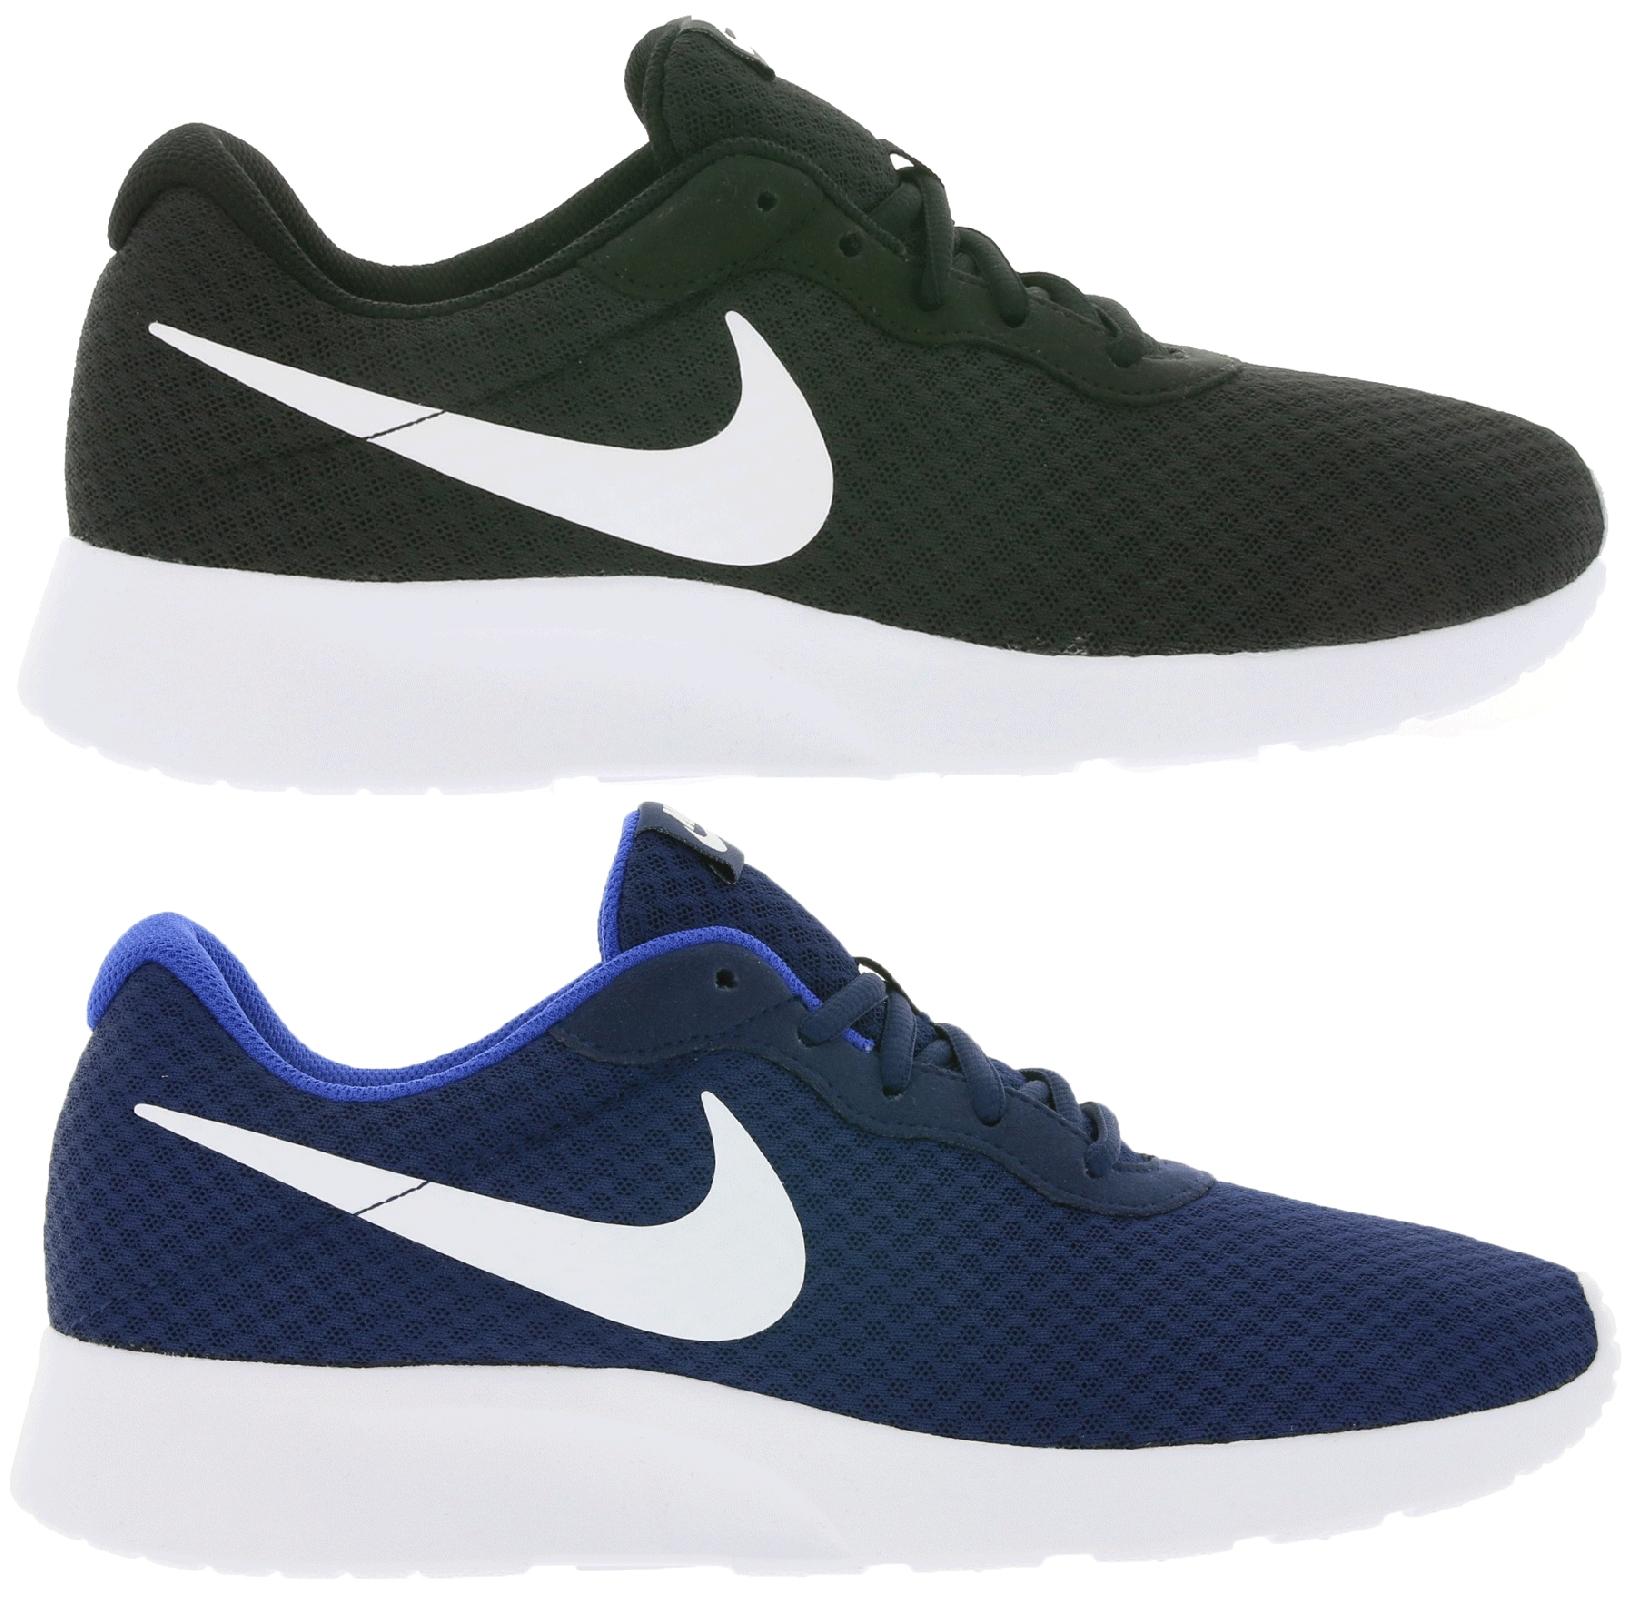 Nike Tanjun Herren Sneaker für nur 39,99€ inklusive Versandkosten @outlet46